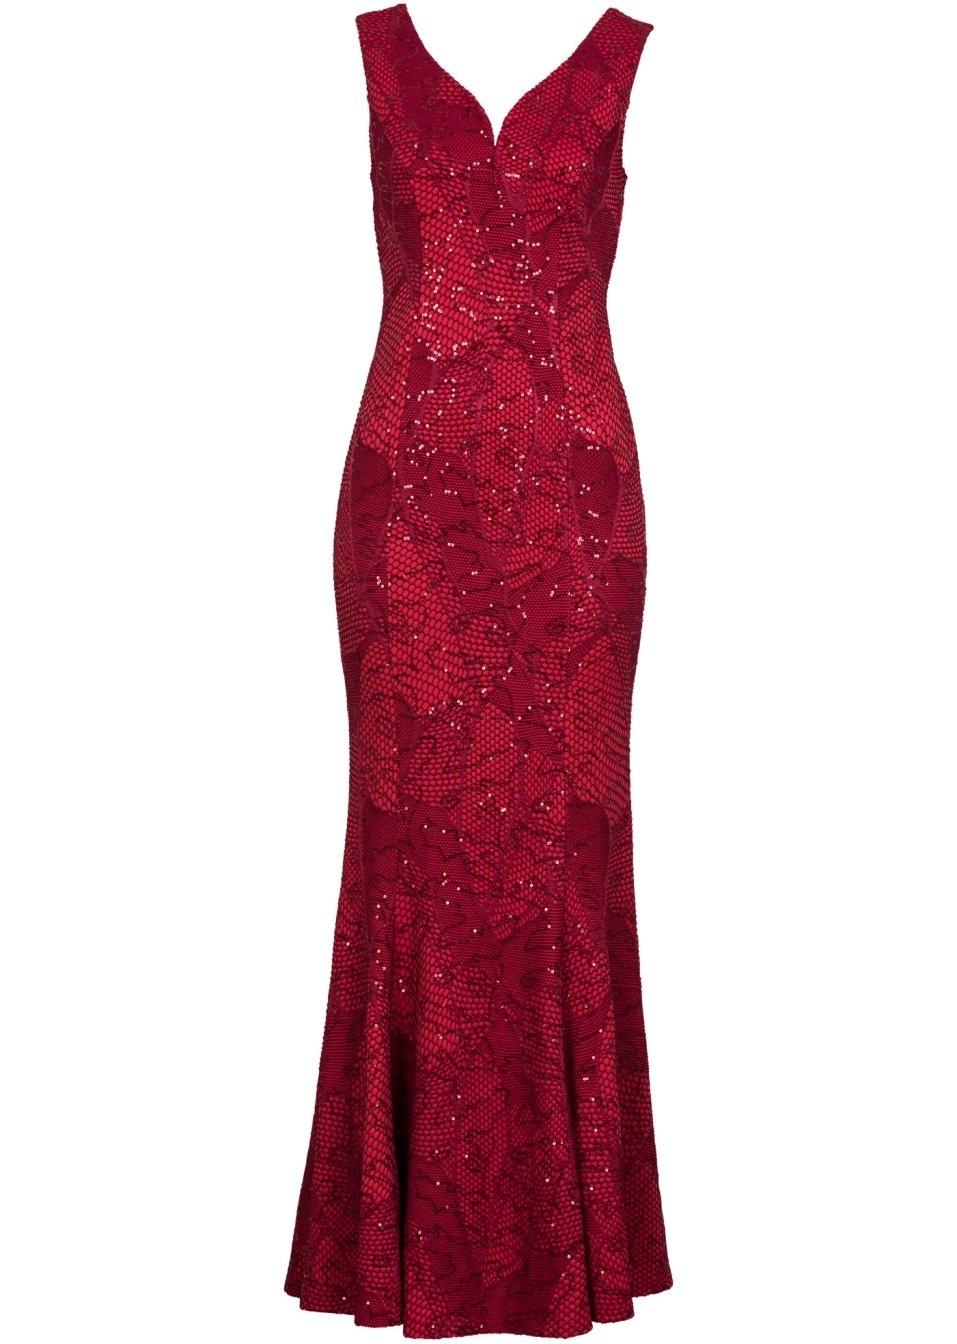 15 Kreativ Feierliches Kleid SpezialgebietDesigner Schön Feierliches Kleid Vertrieb